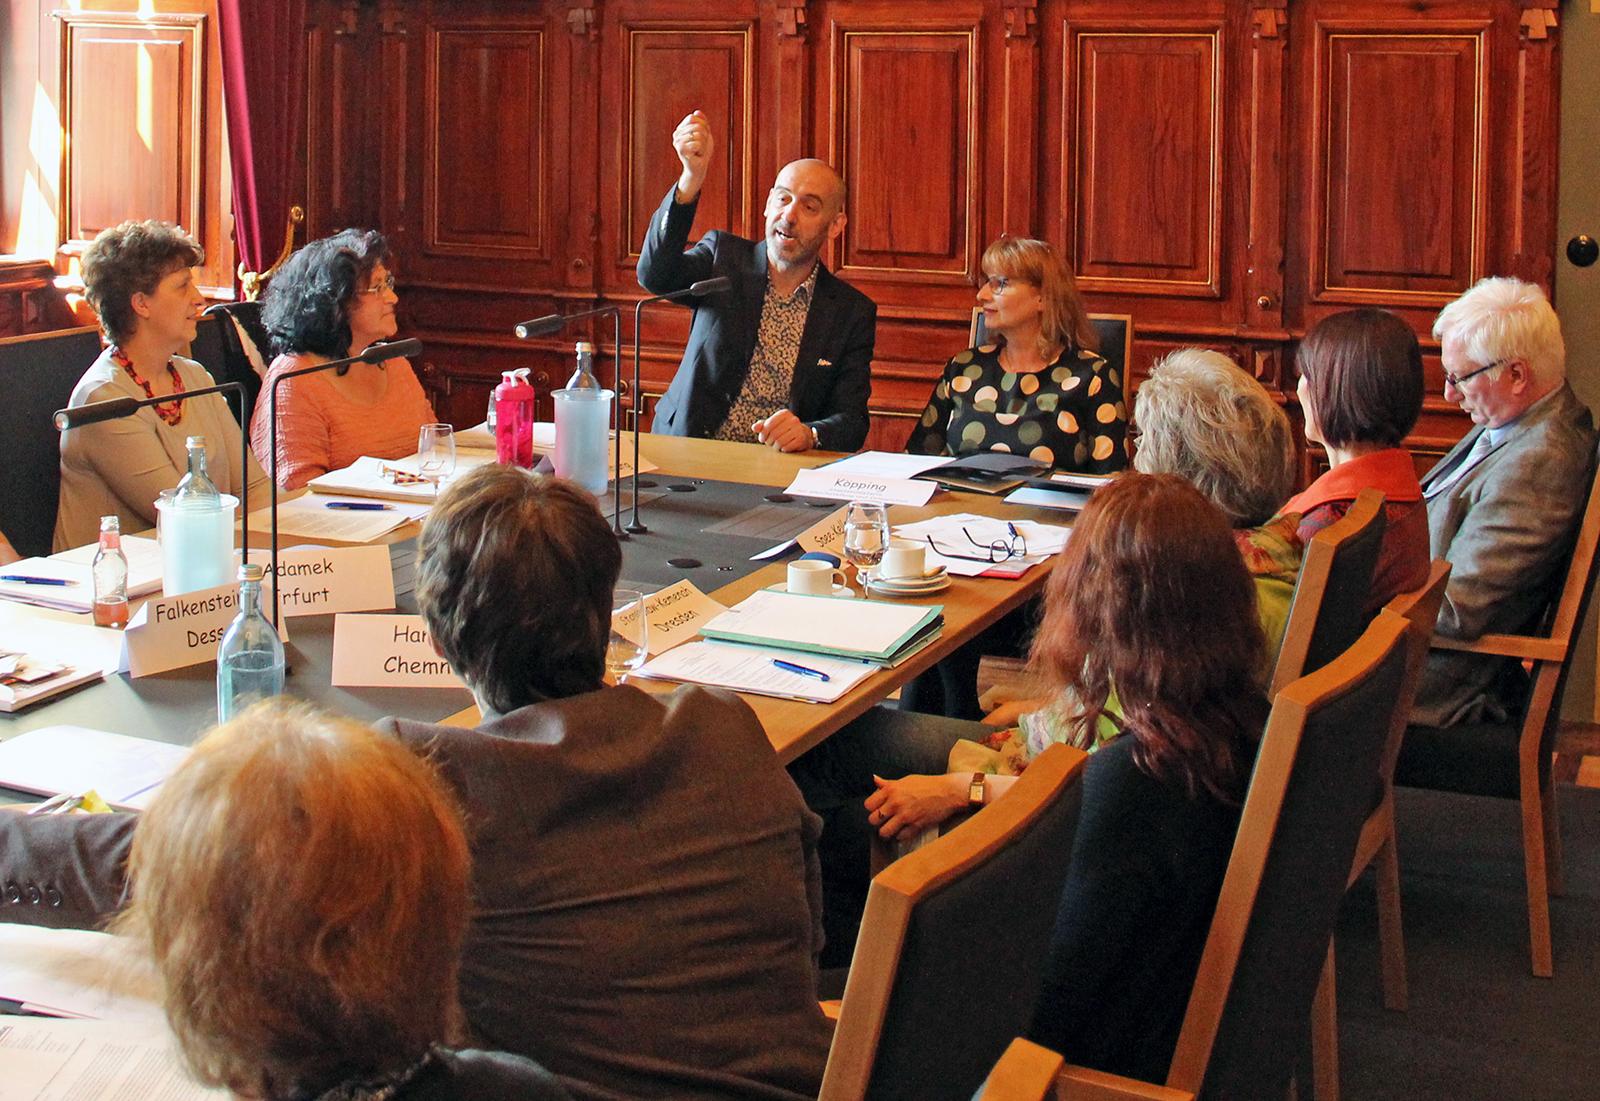 Oberbürgermeister begrüßt die Teilnehmerinnen im Ratssaal